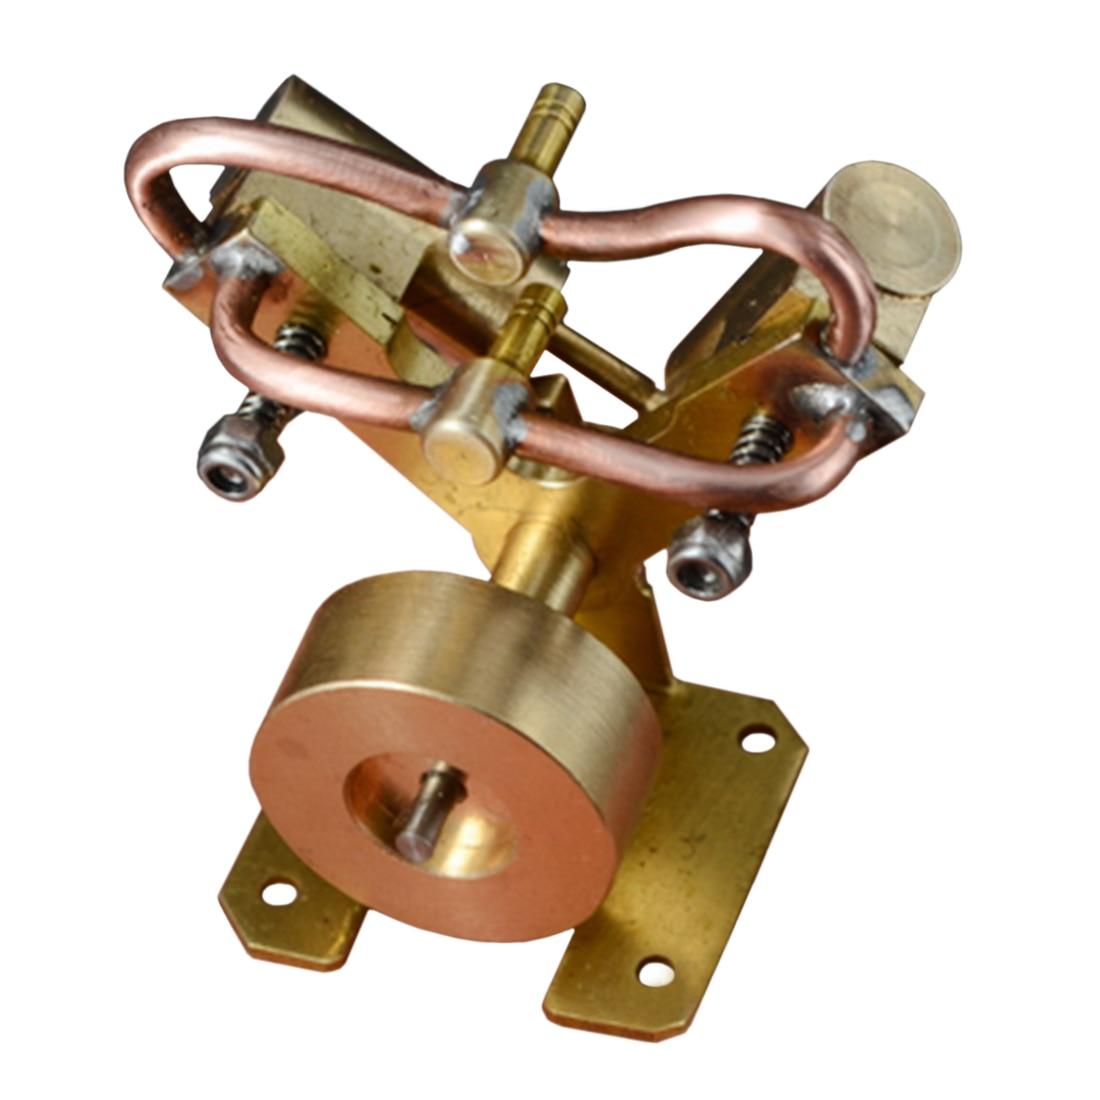 Mini modèle de moteur à vapeur à Double cylindre en cuivre pur en forme de V jouet cadeau éducatif créatif Durable pour Kit scientifique d'apprentissage pour enfants